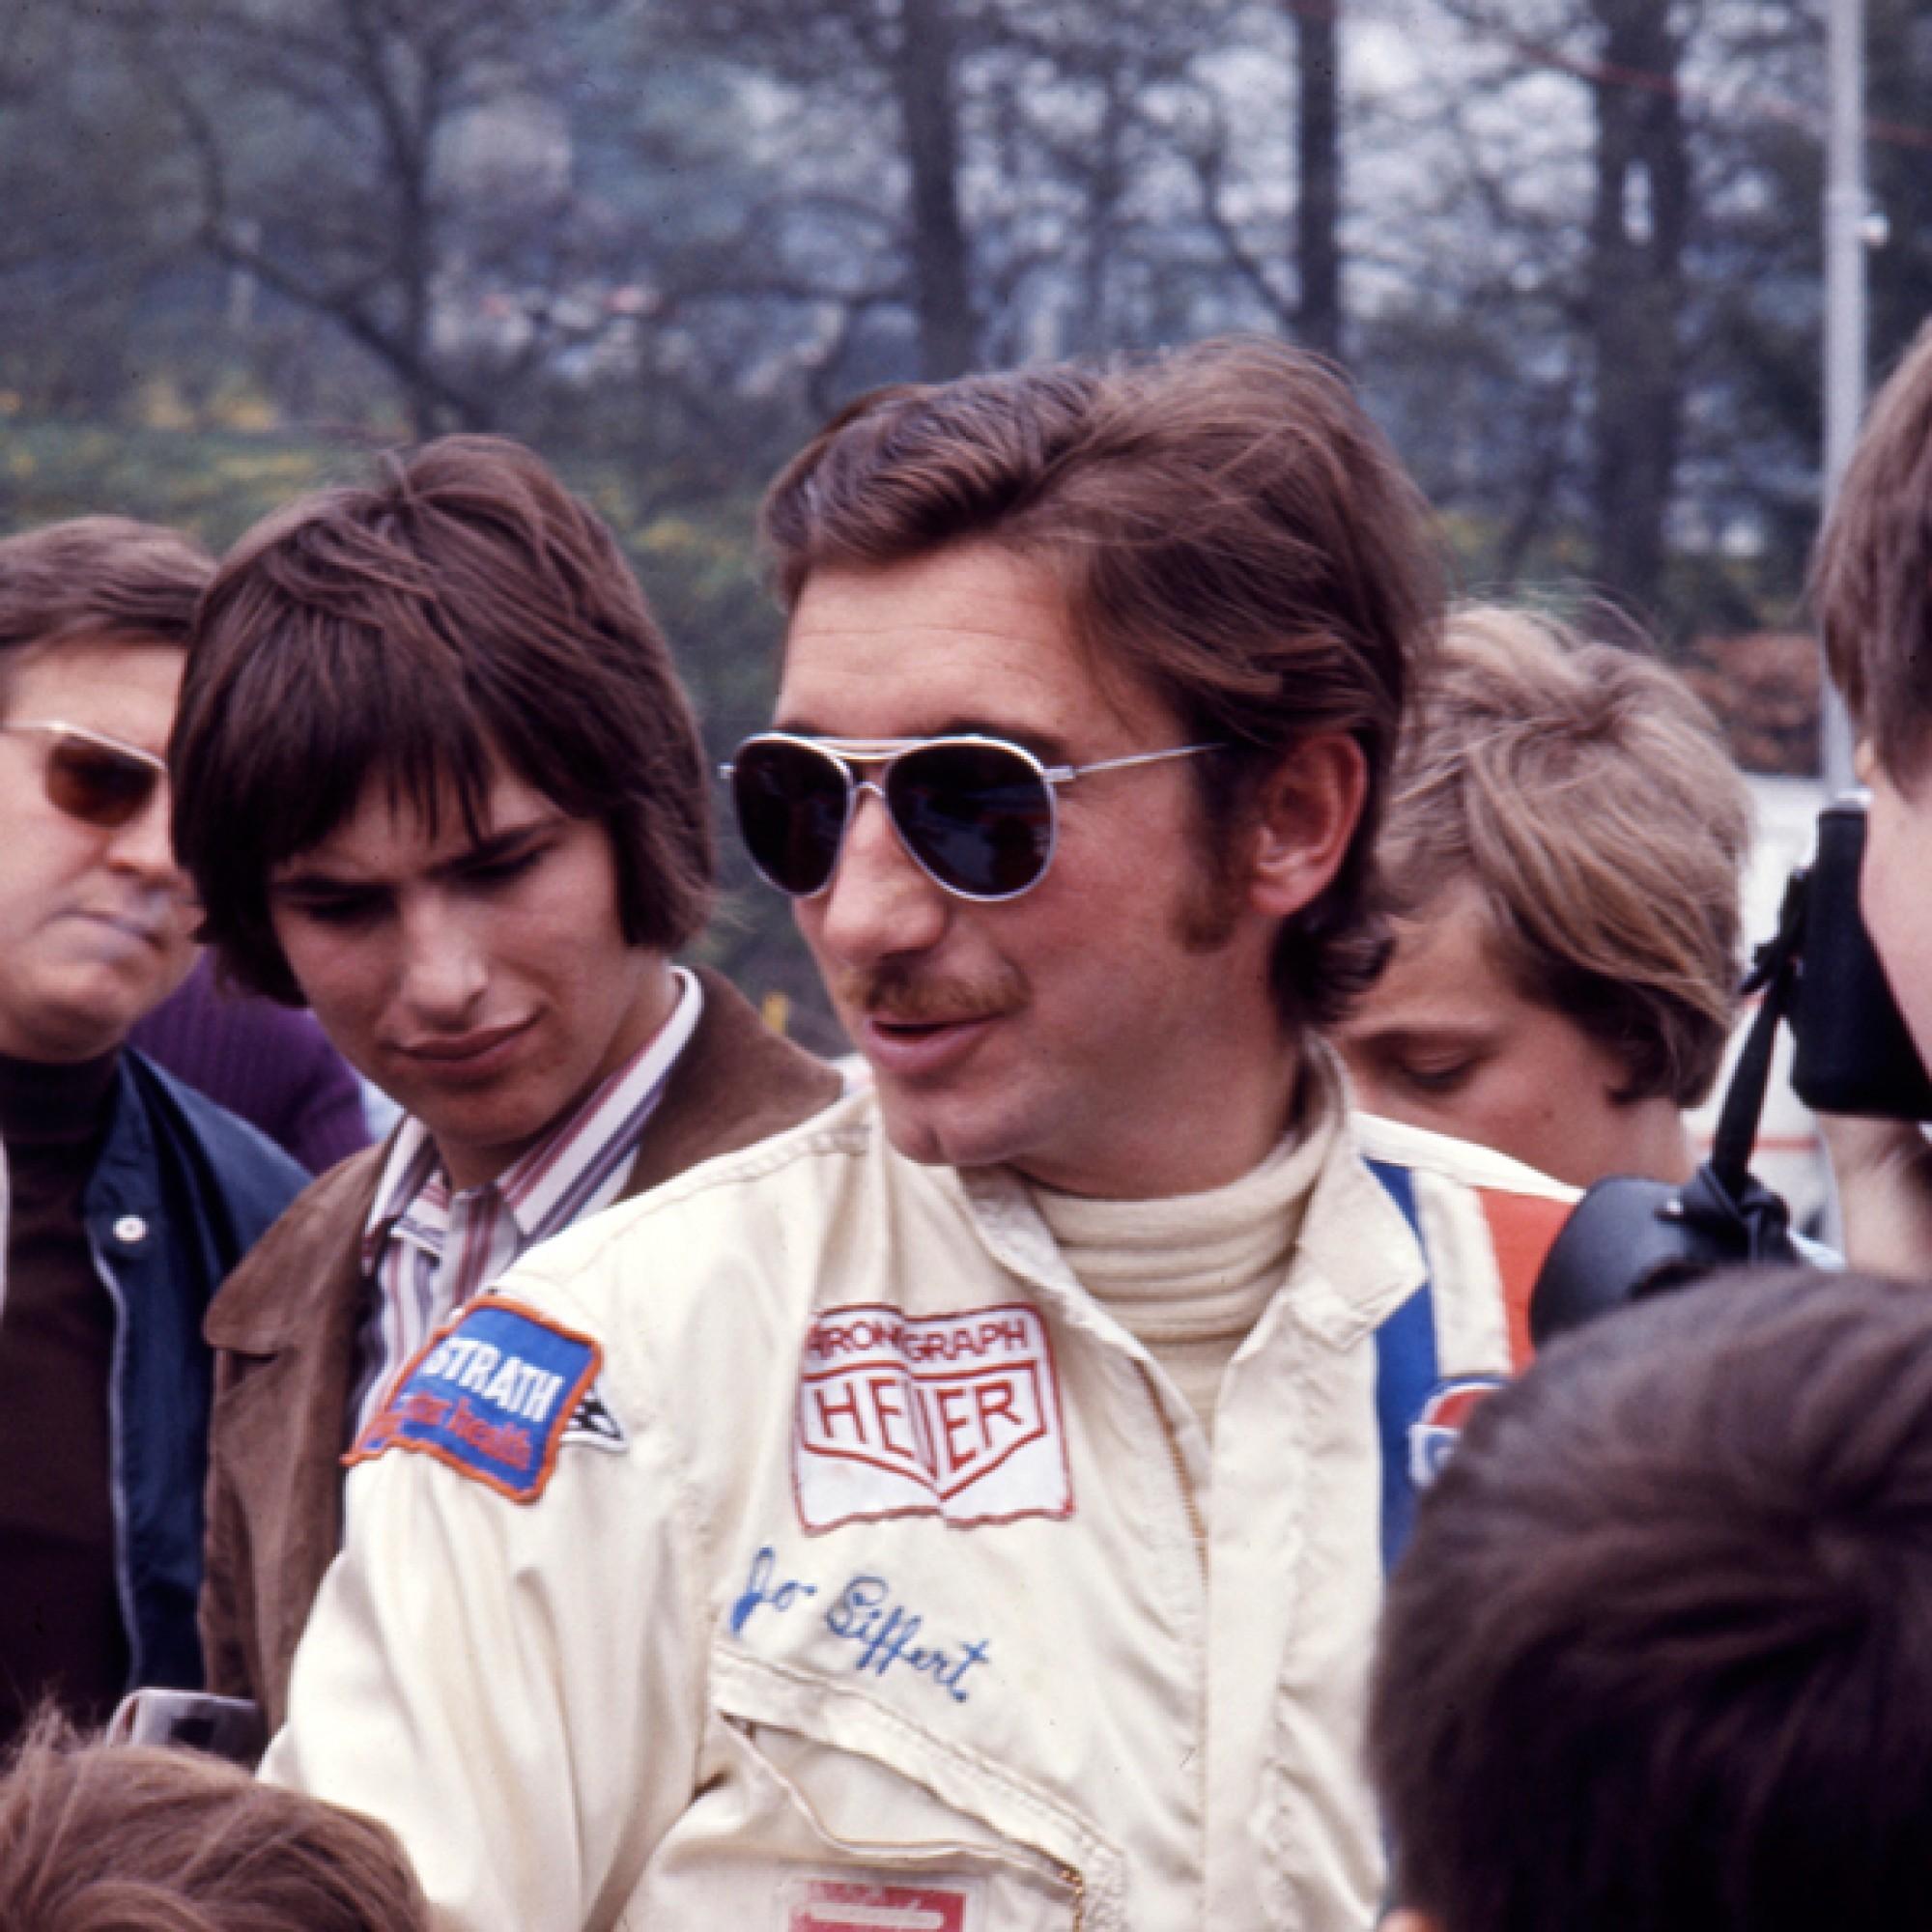 Jo Siffert im Paddock beim 1000 km-Rennen in Spa-Francorchamps 1971. Links im Bild der Freund und Journalist Jacques Deschenaux mit der gleichen Brille.  (motorsportfriends.ch, Museum im Bellpark)